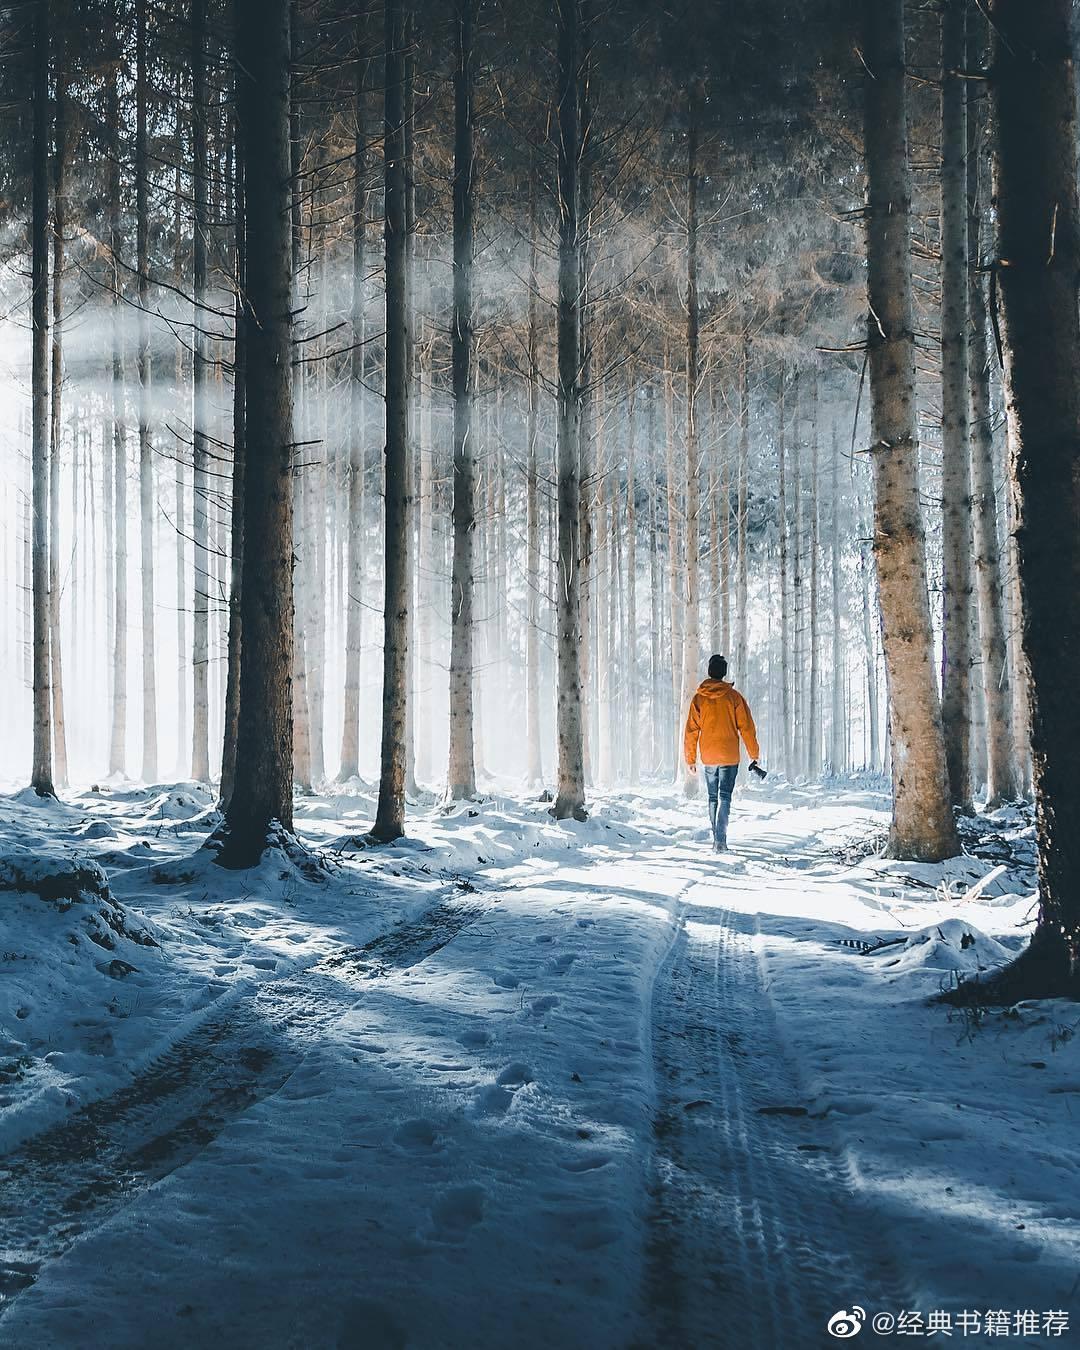 情感语录-别着急,你看冬天会过去...